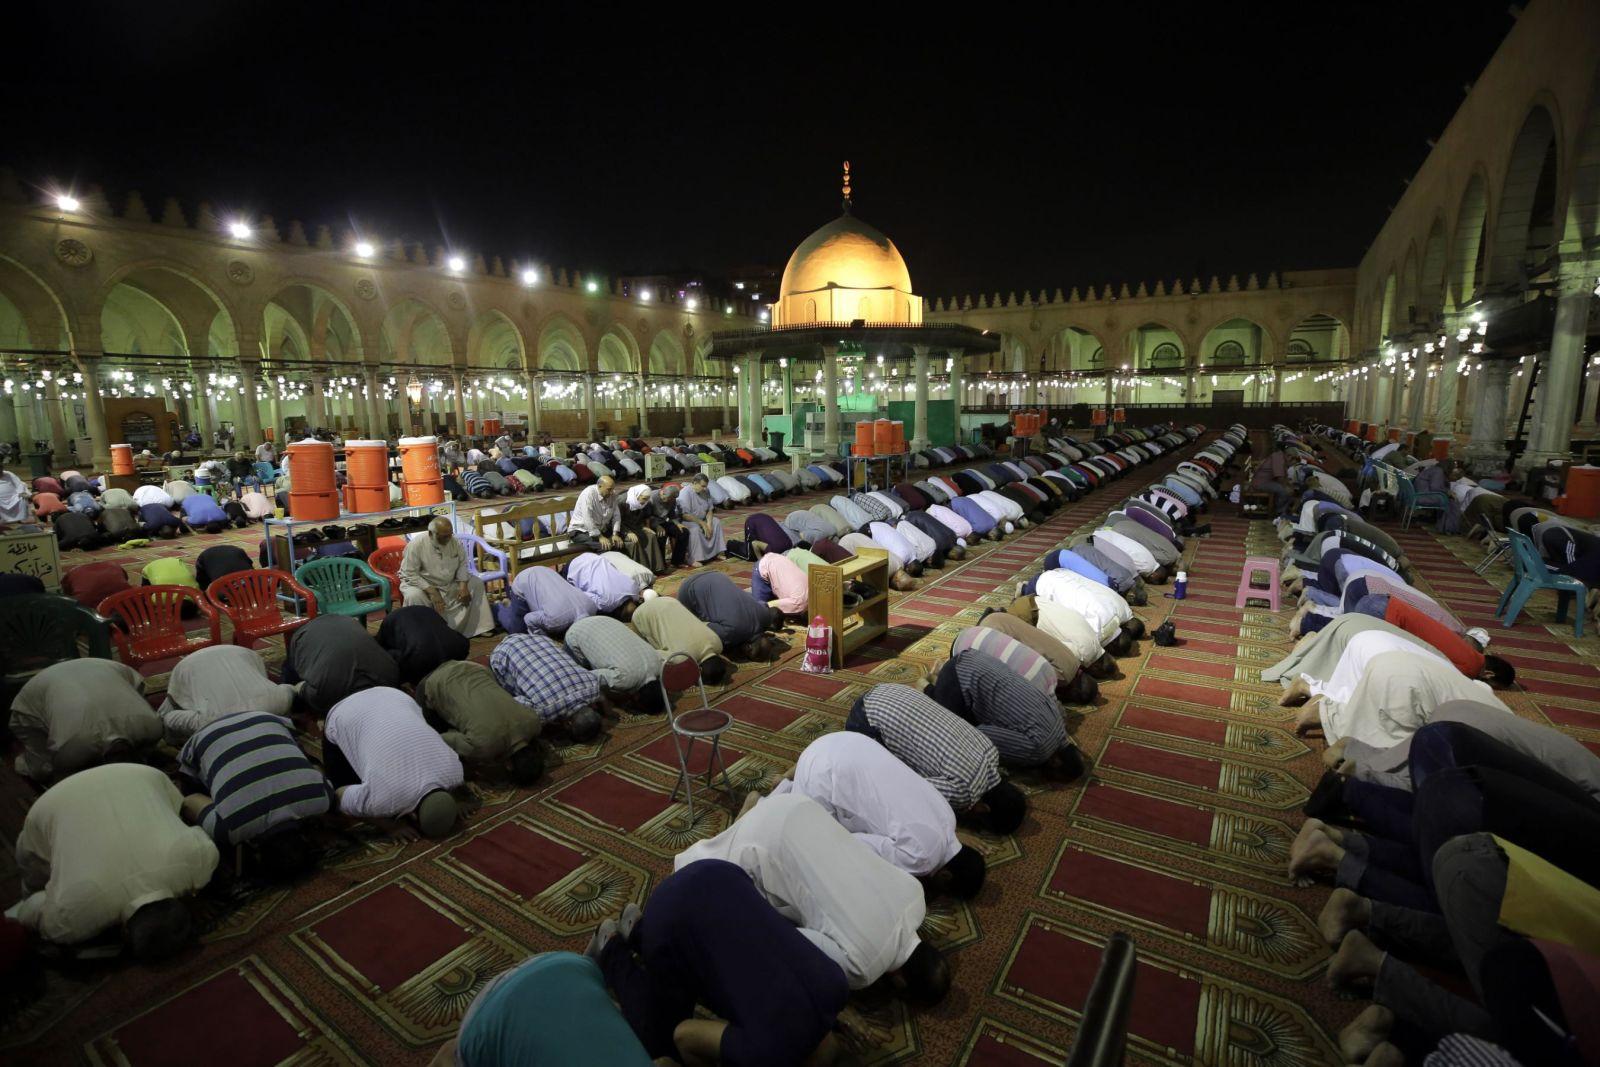 Священный в исламе месяц рамадан в вопросах и ответах - bbc news русская служба